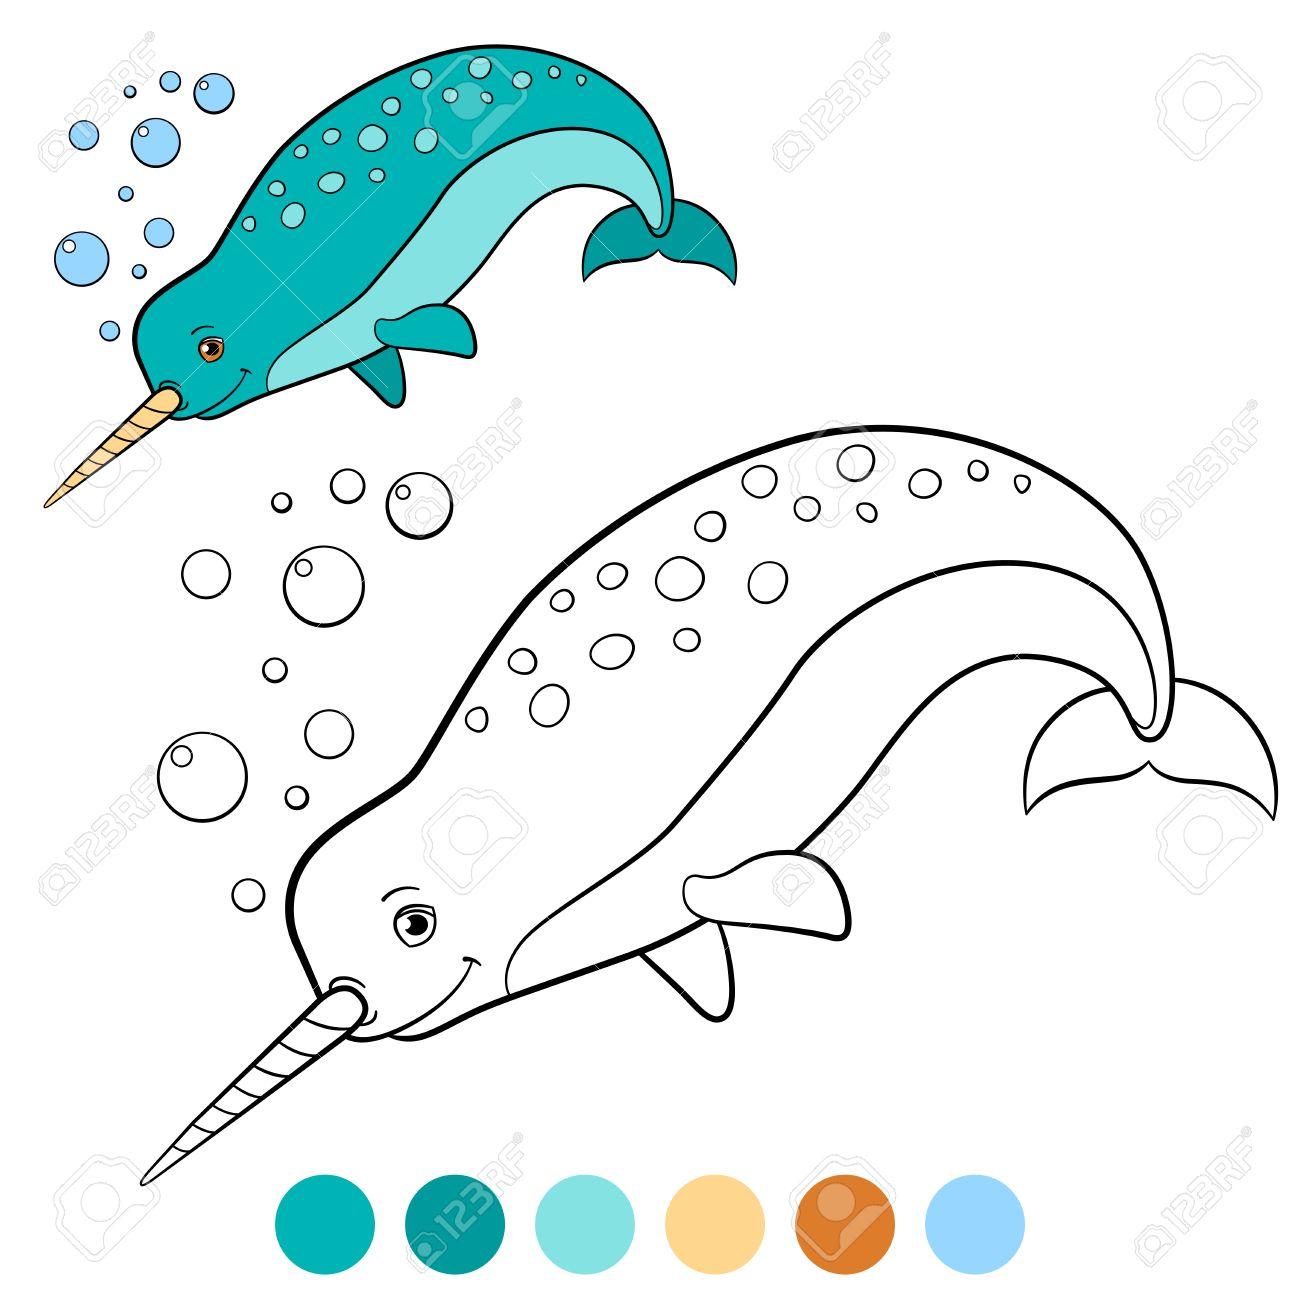 Malvorlagen: Narwal. Kleiner Netter Narwal Schwimmt Und Lächelt ...